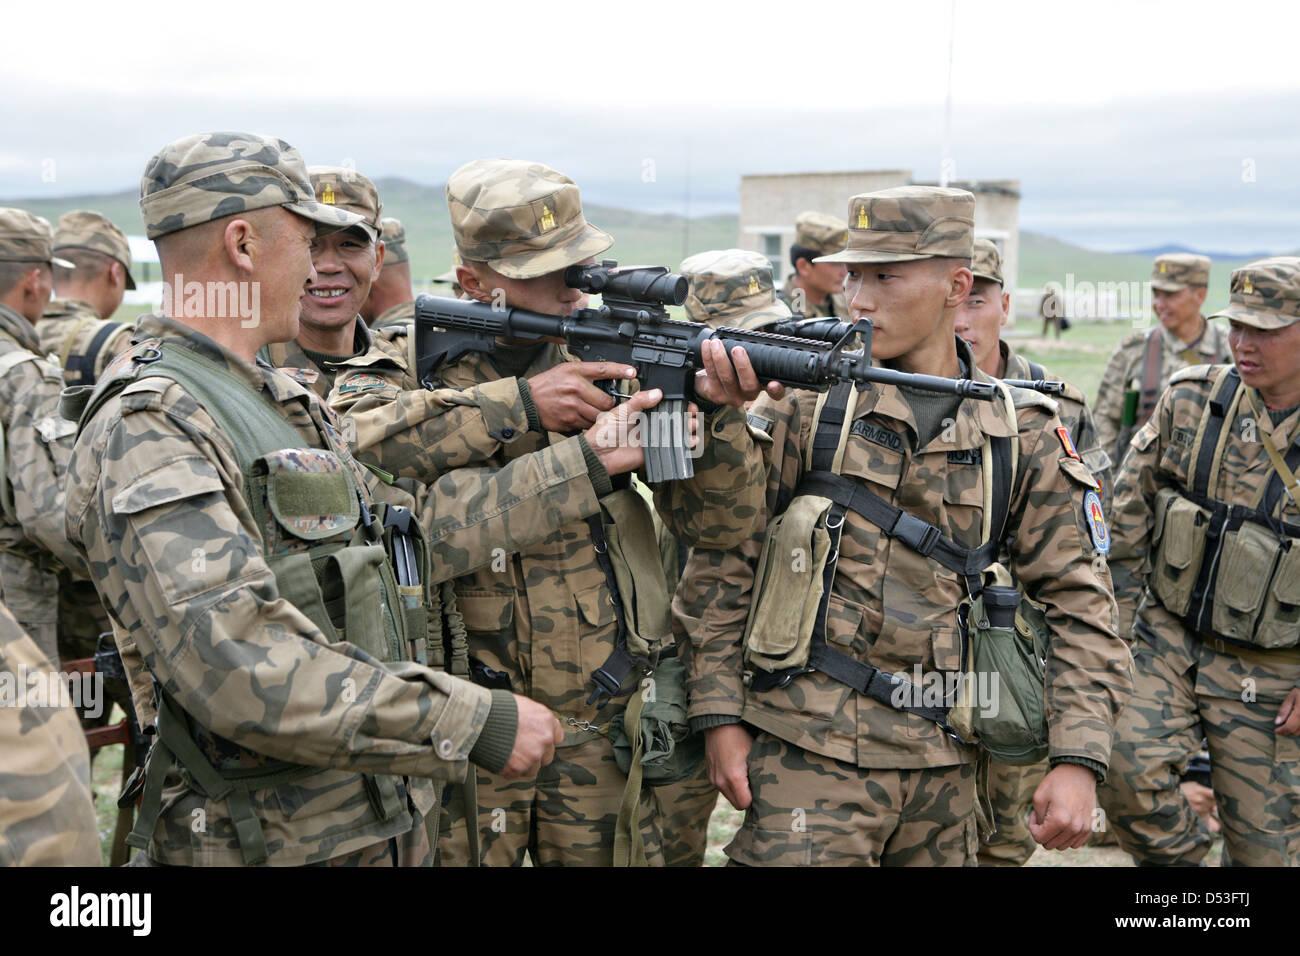 Mongolische Armee Soldaten untersuchen ein U.S. Marine Corps ...